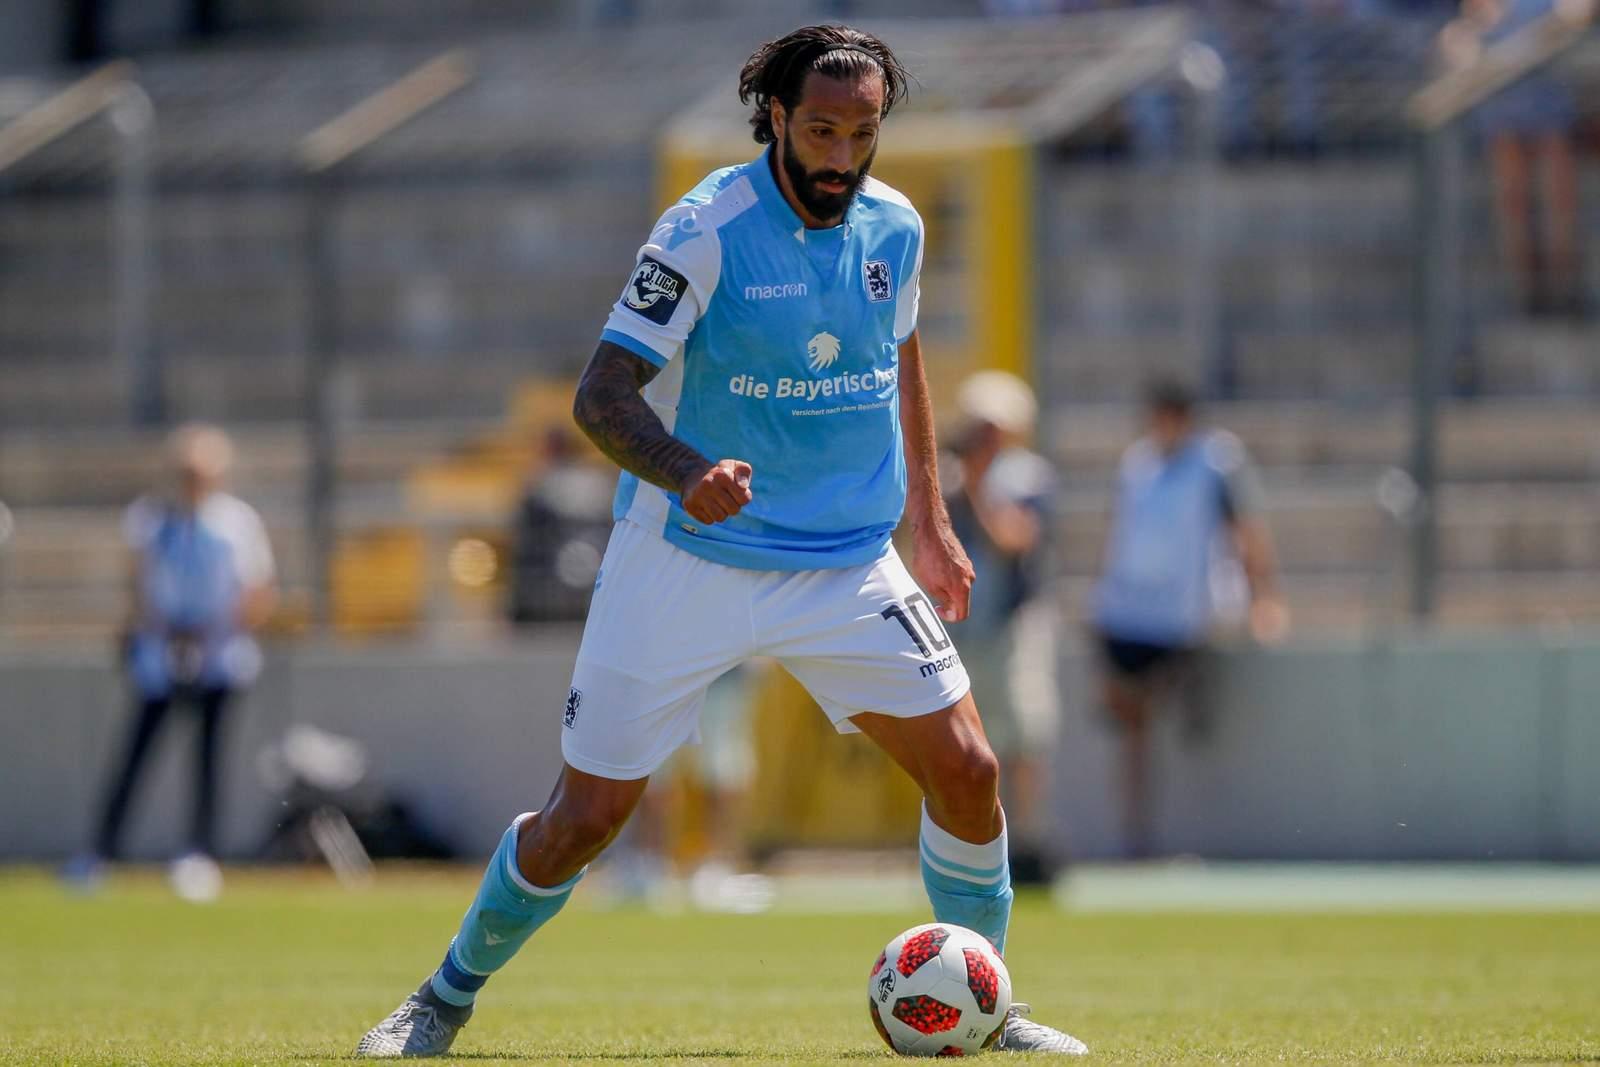 Trifft Adriano Grimaldi auch im zweiten Derby? Jetzt auf 1860 München gegen Würzburger Kickers wetten.